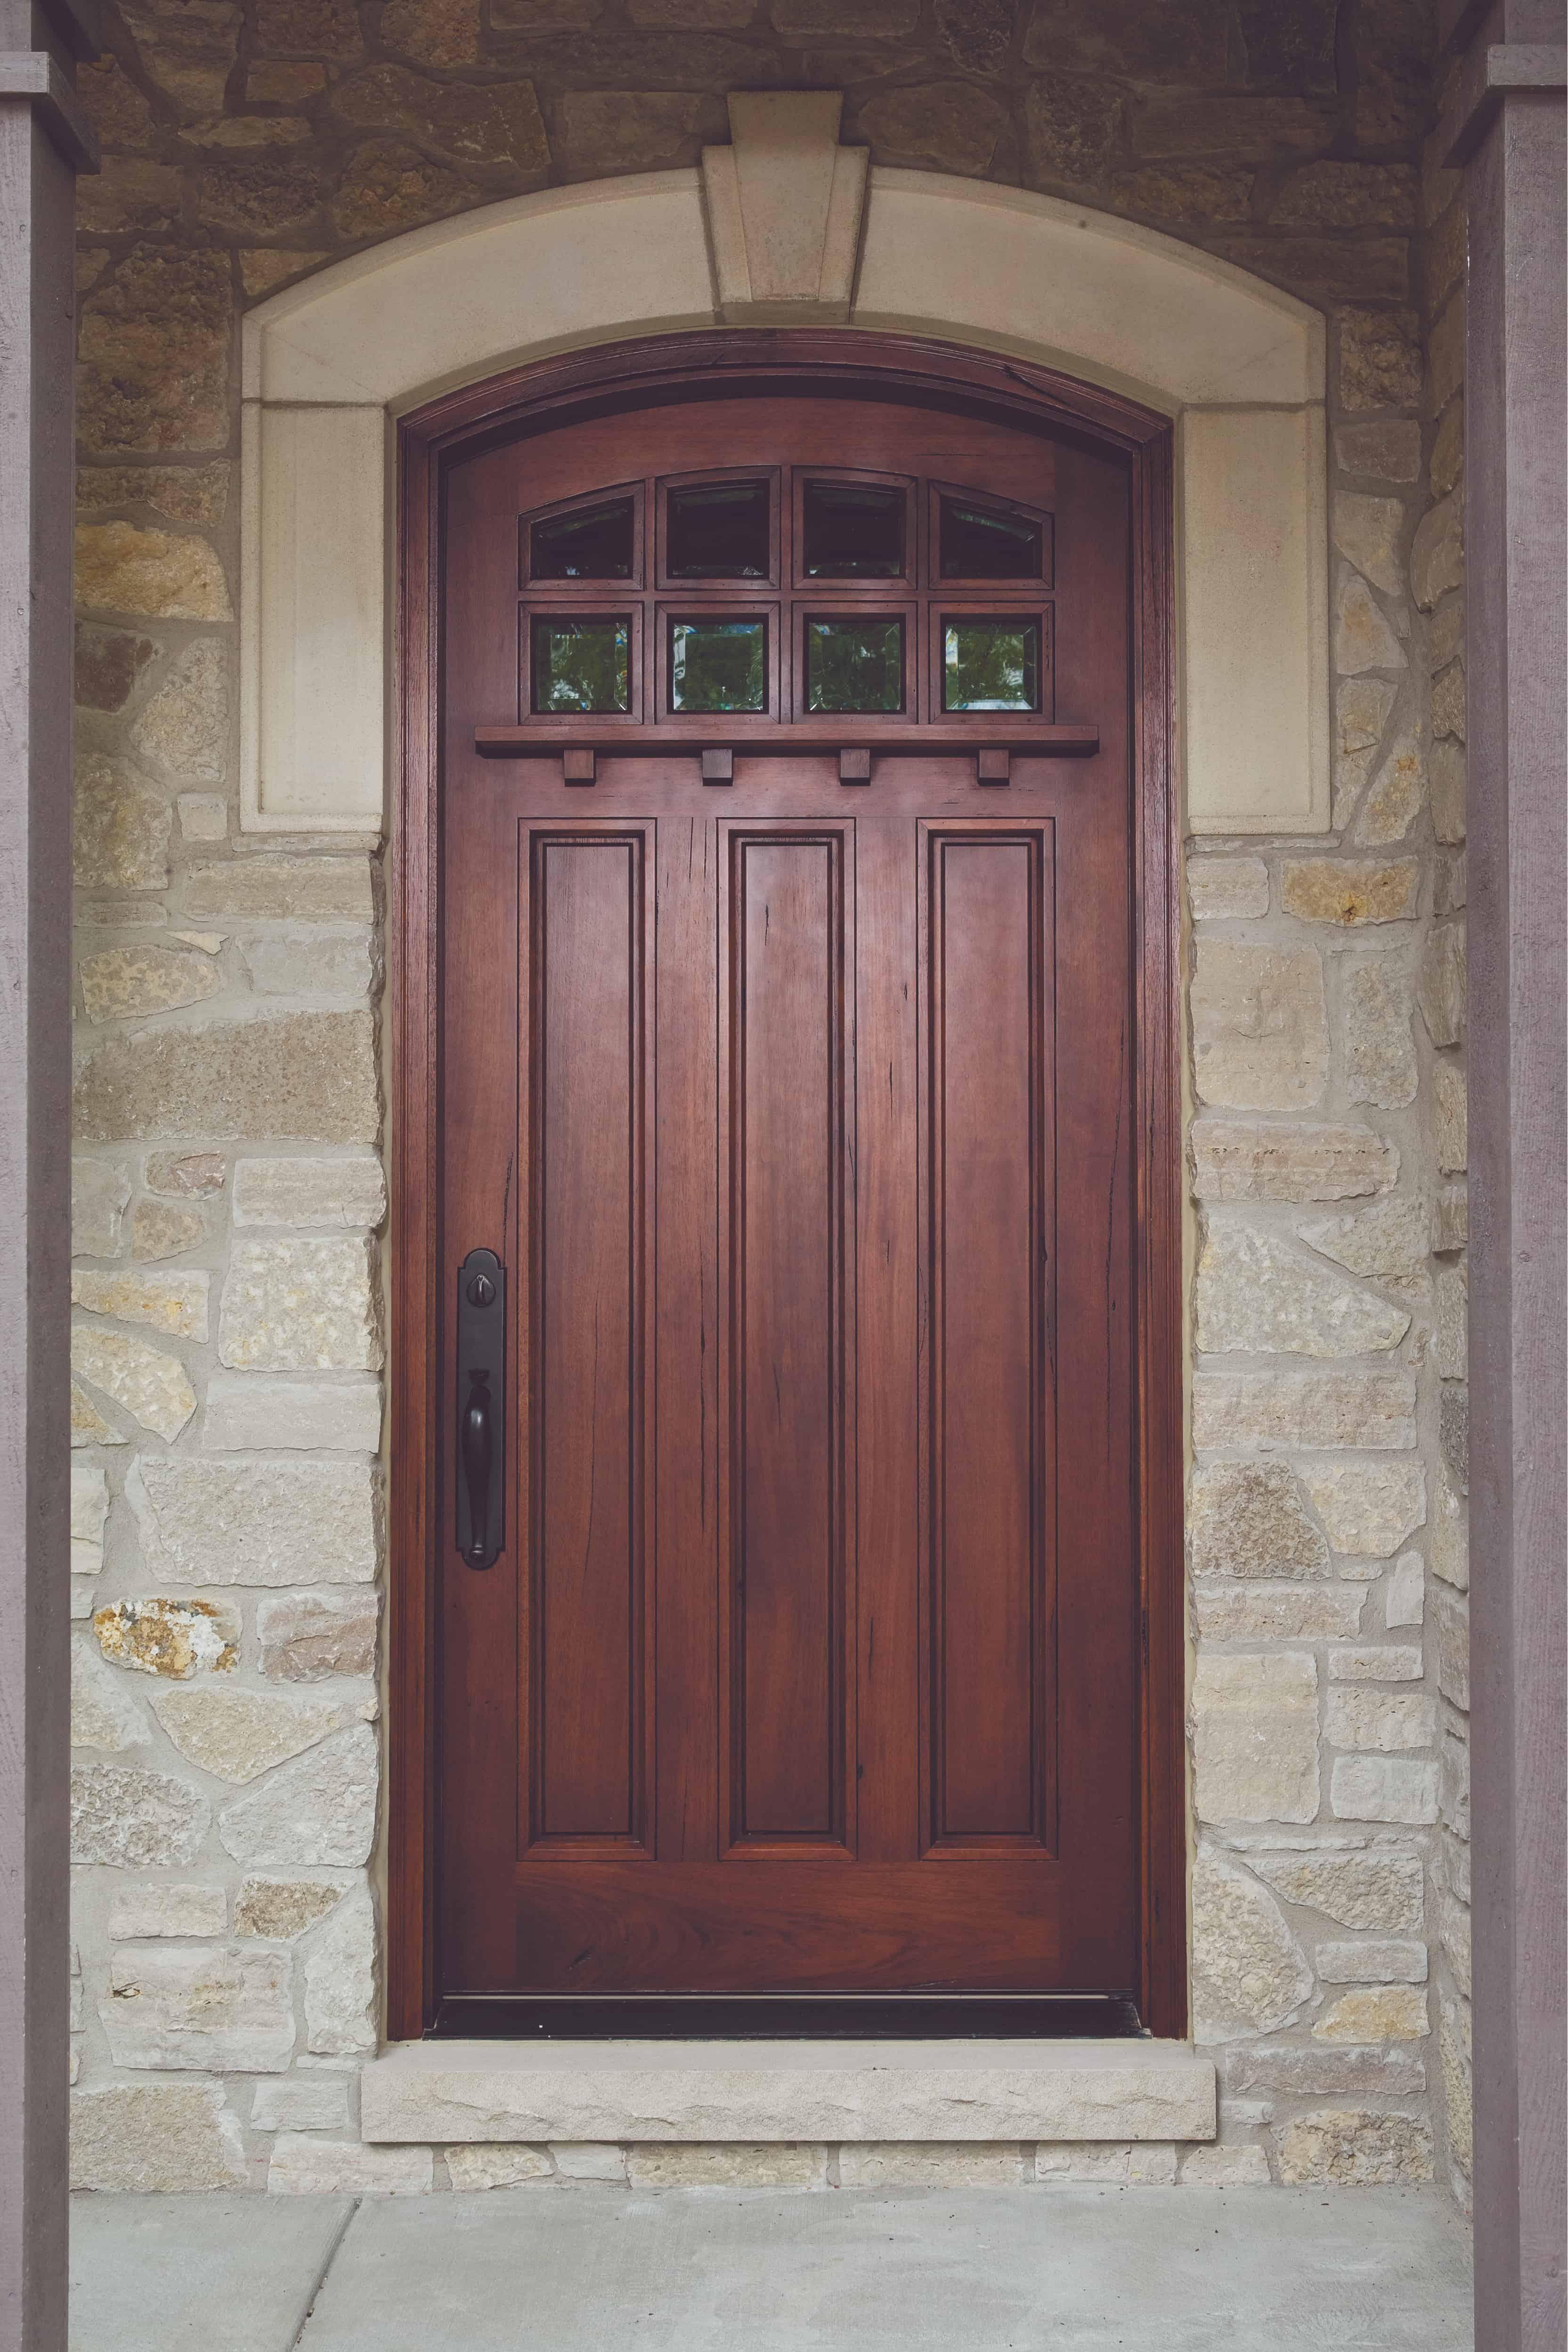 Craftsman style mahogany wood door set in stone entryway